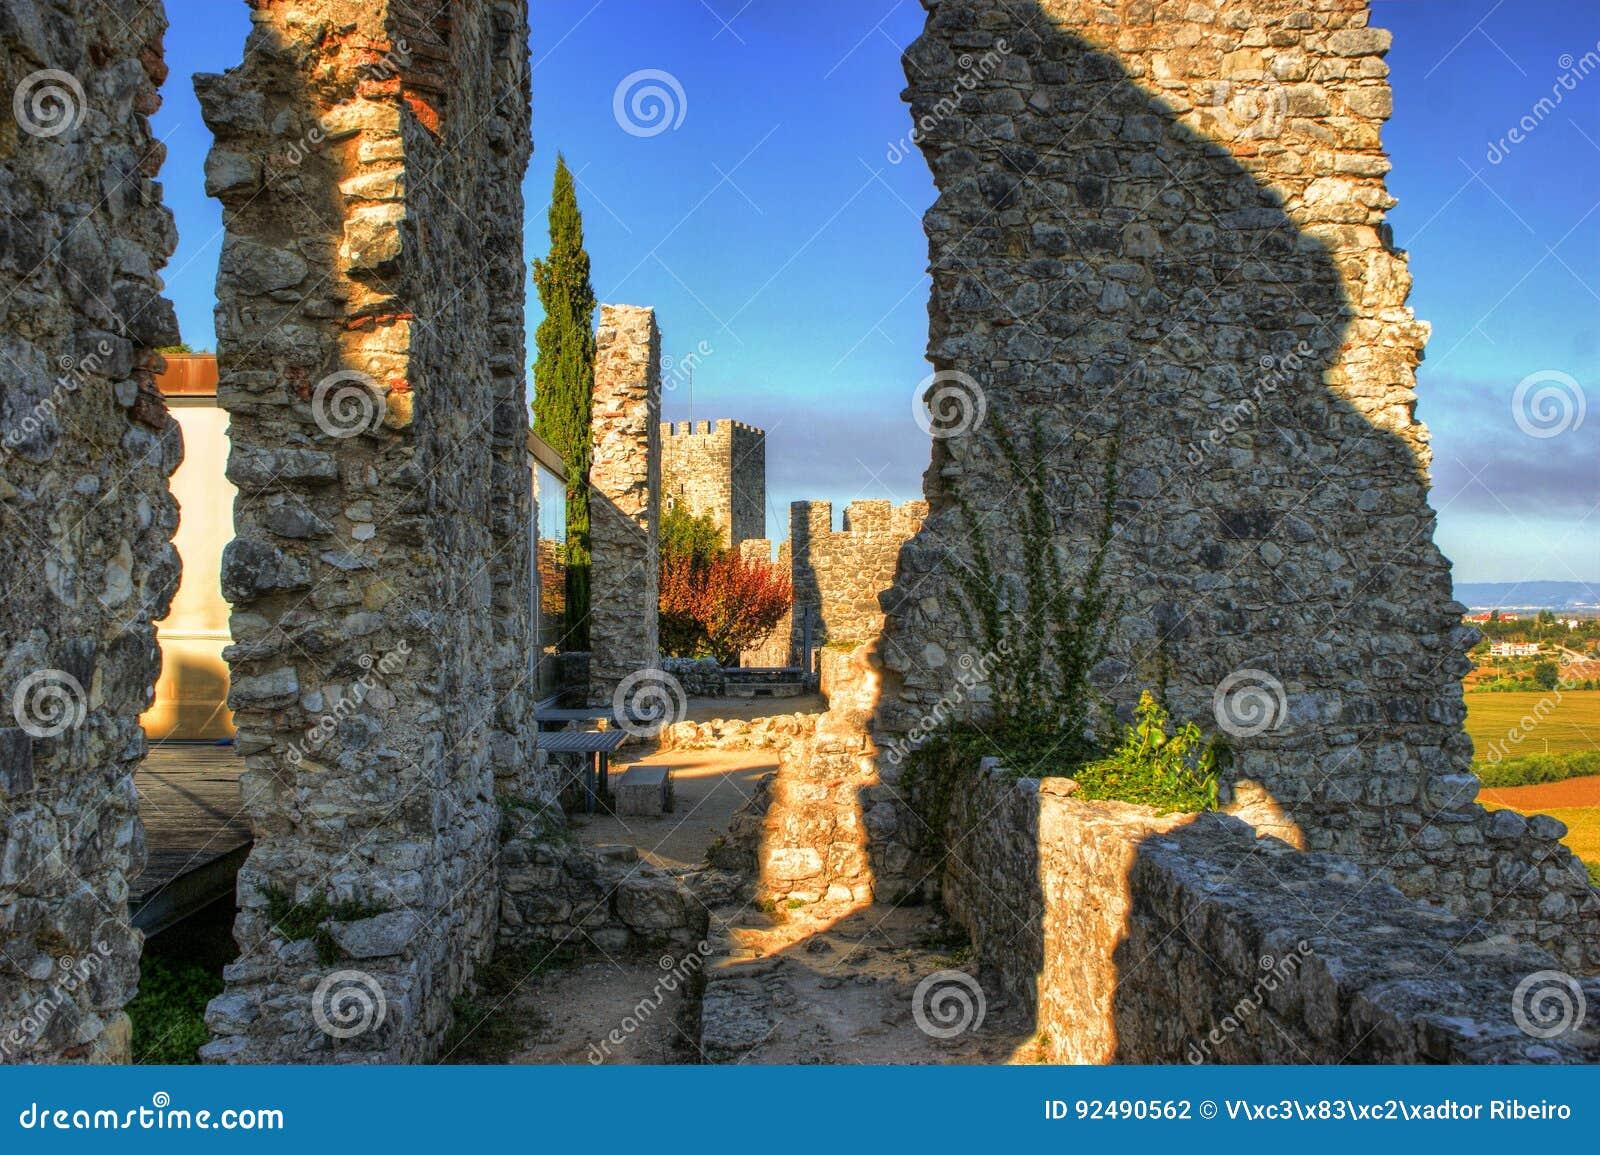 Ruined castle of Montemor-o-Velho